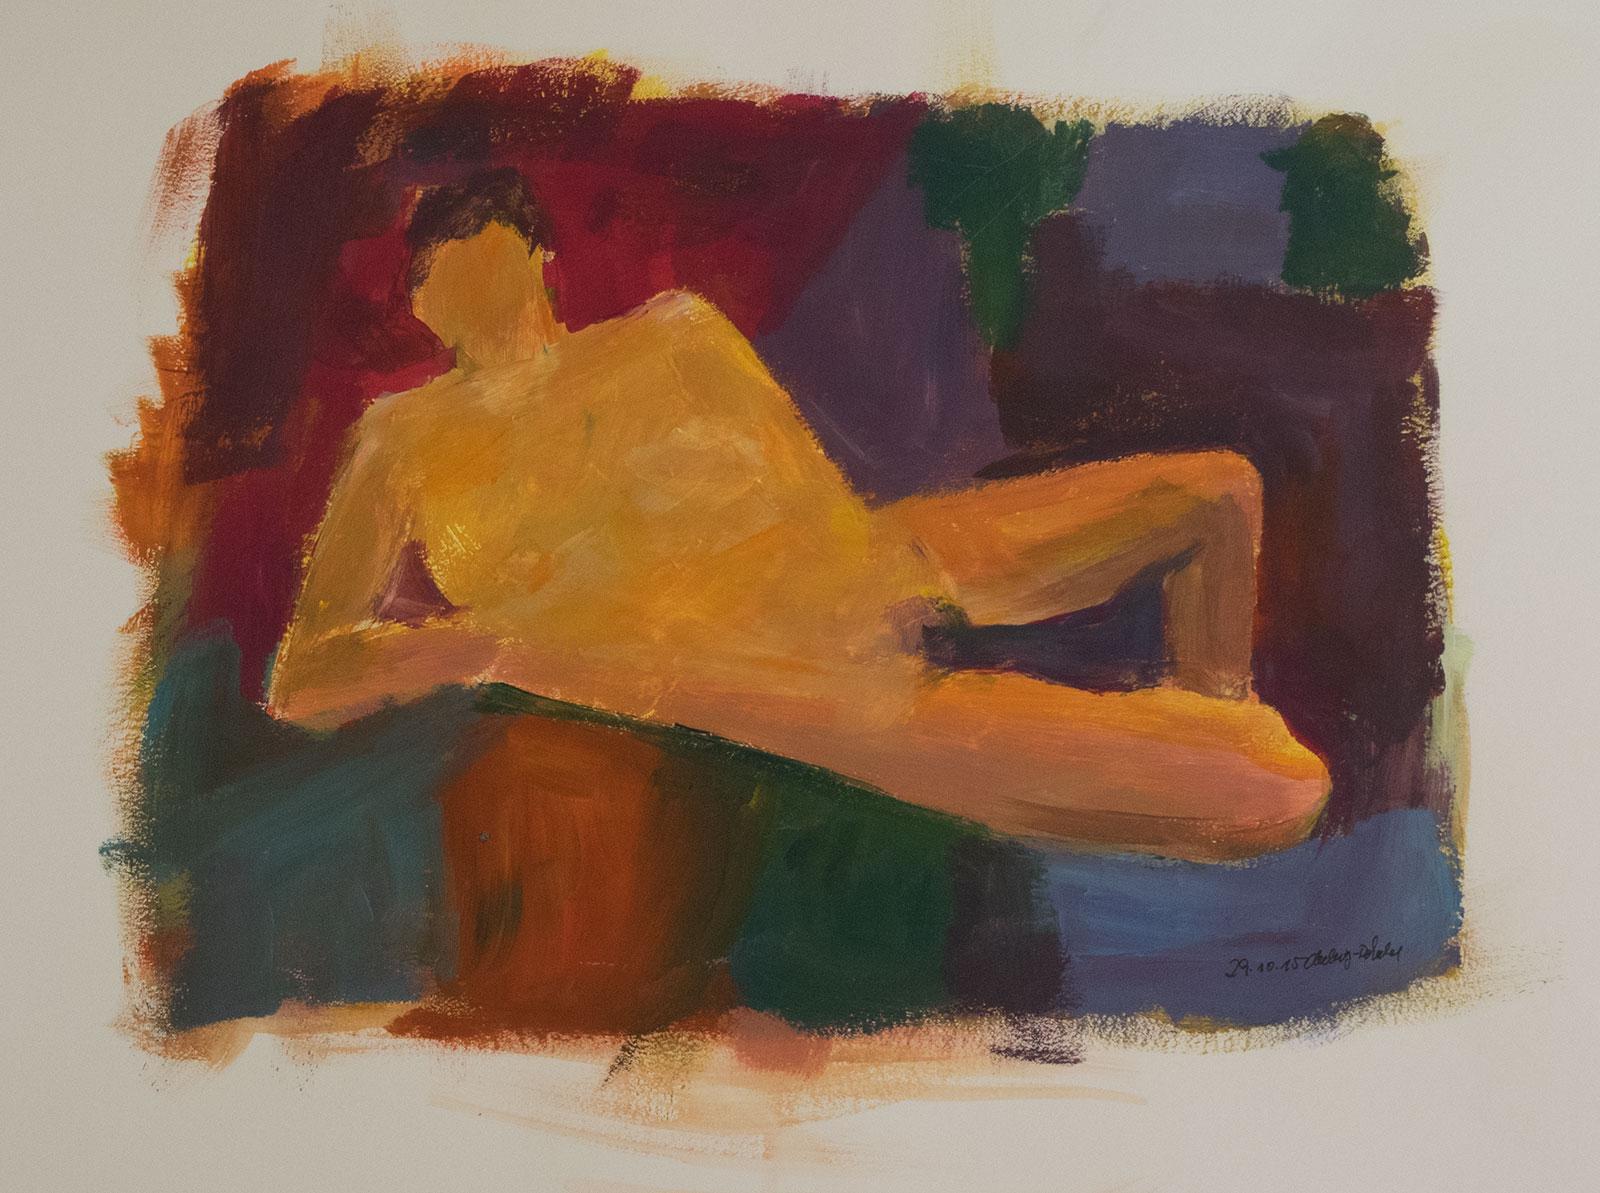 liegender Männerakt auf farbigem Hintergrund